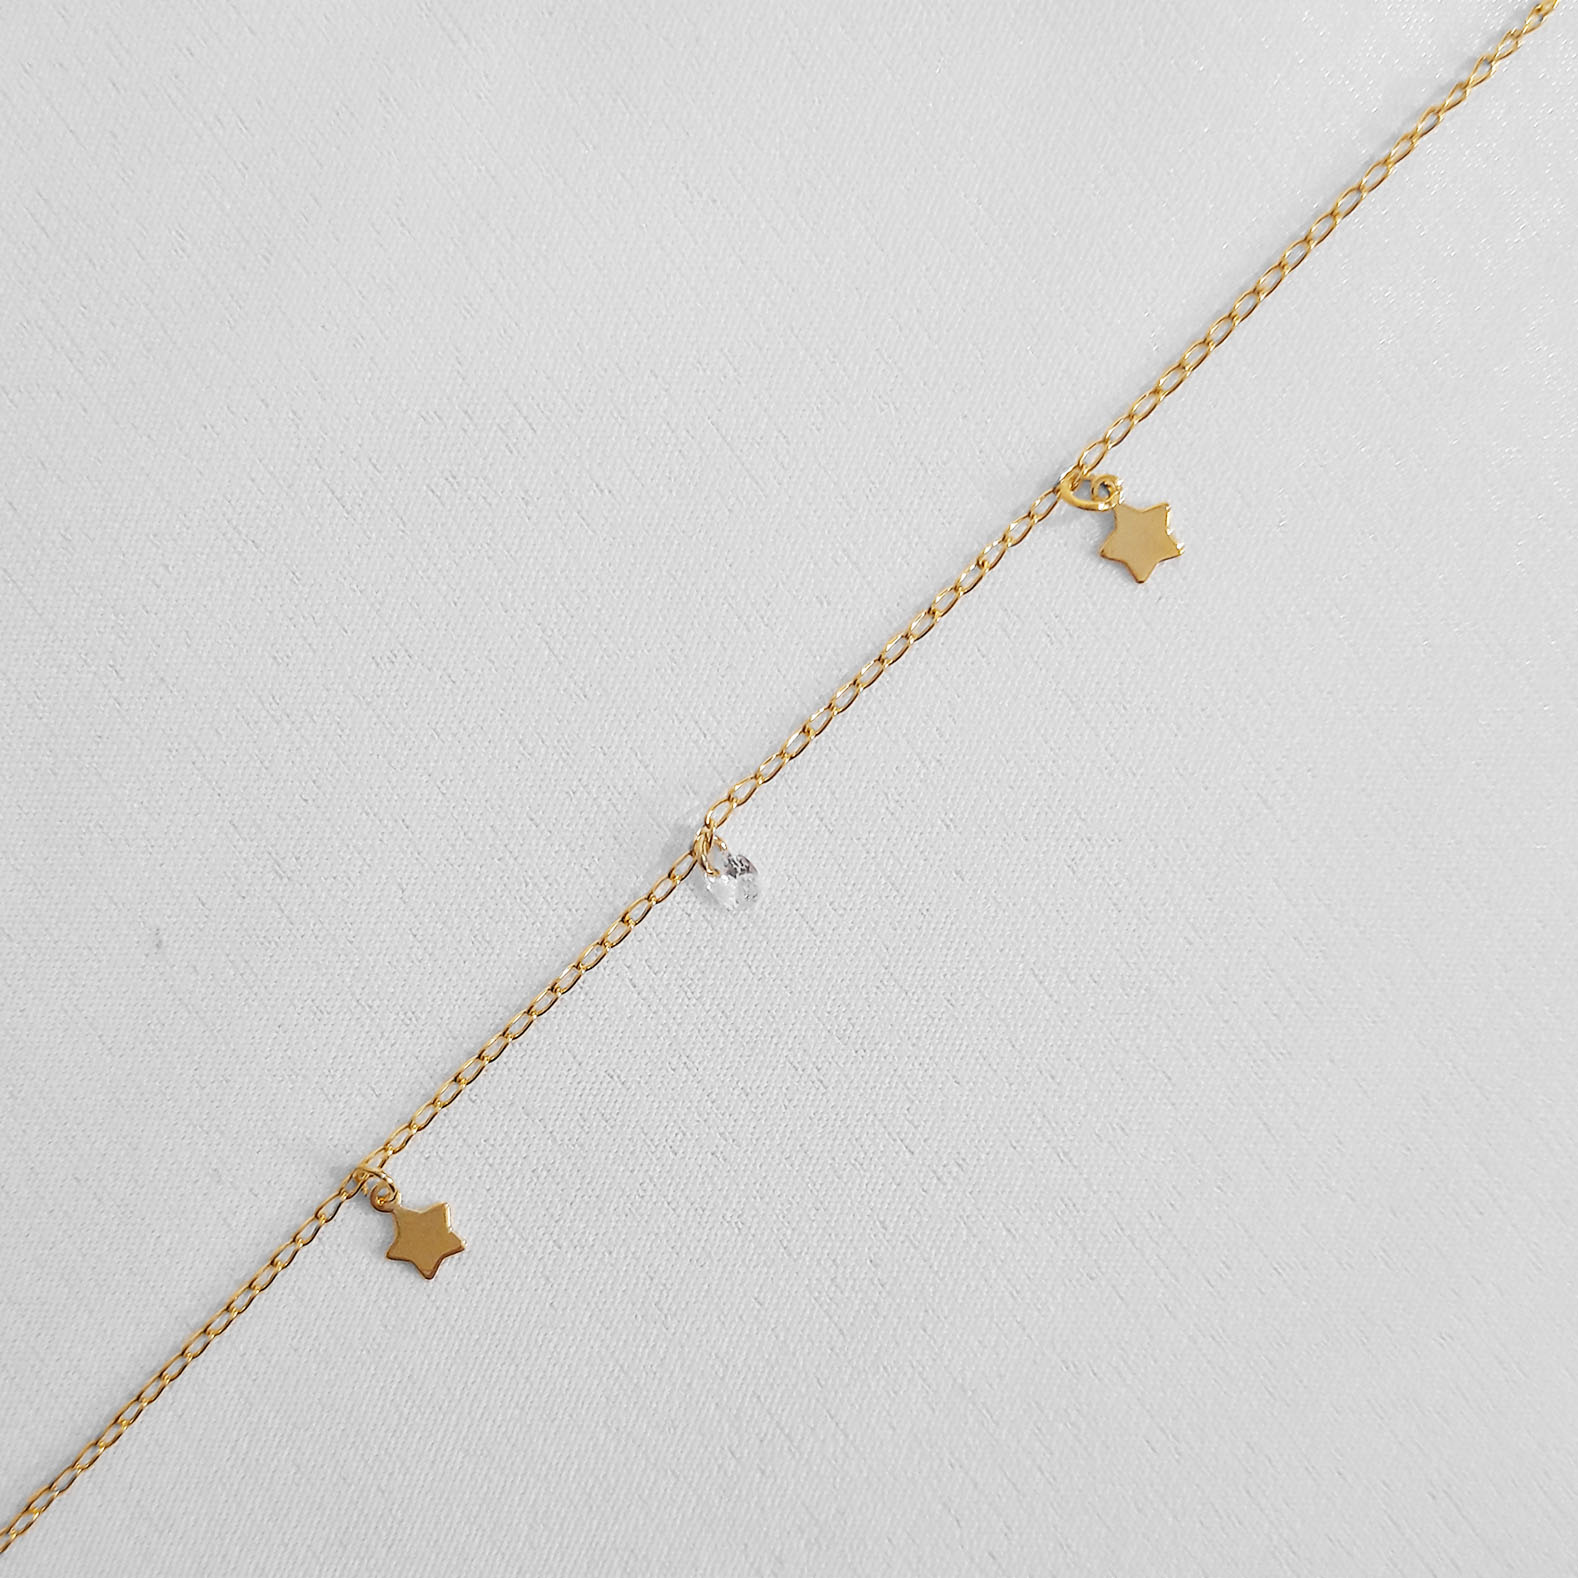 Pulseira Estrelas e Zircônia Folheada Ouro 18k  - Lunozê Joias